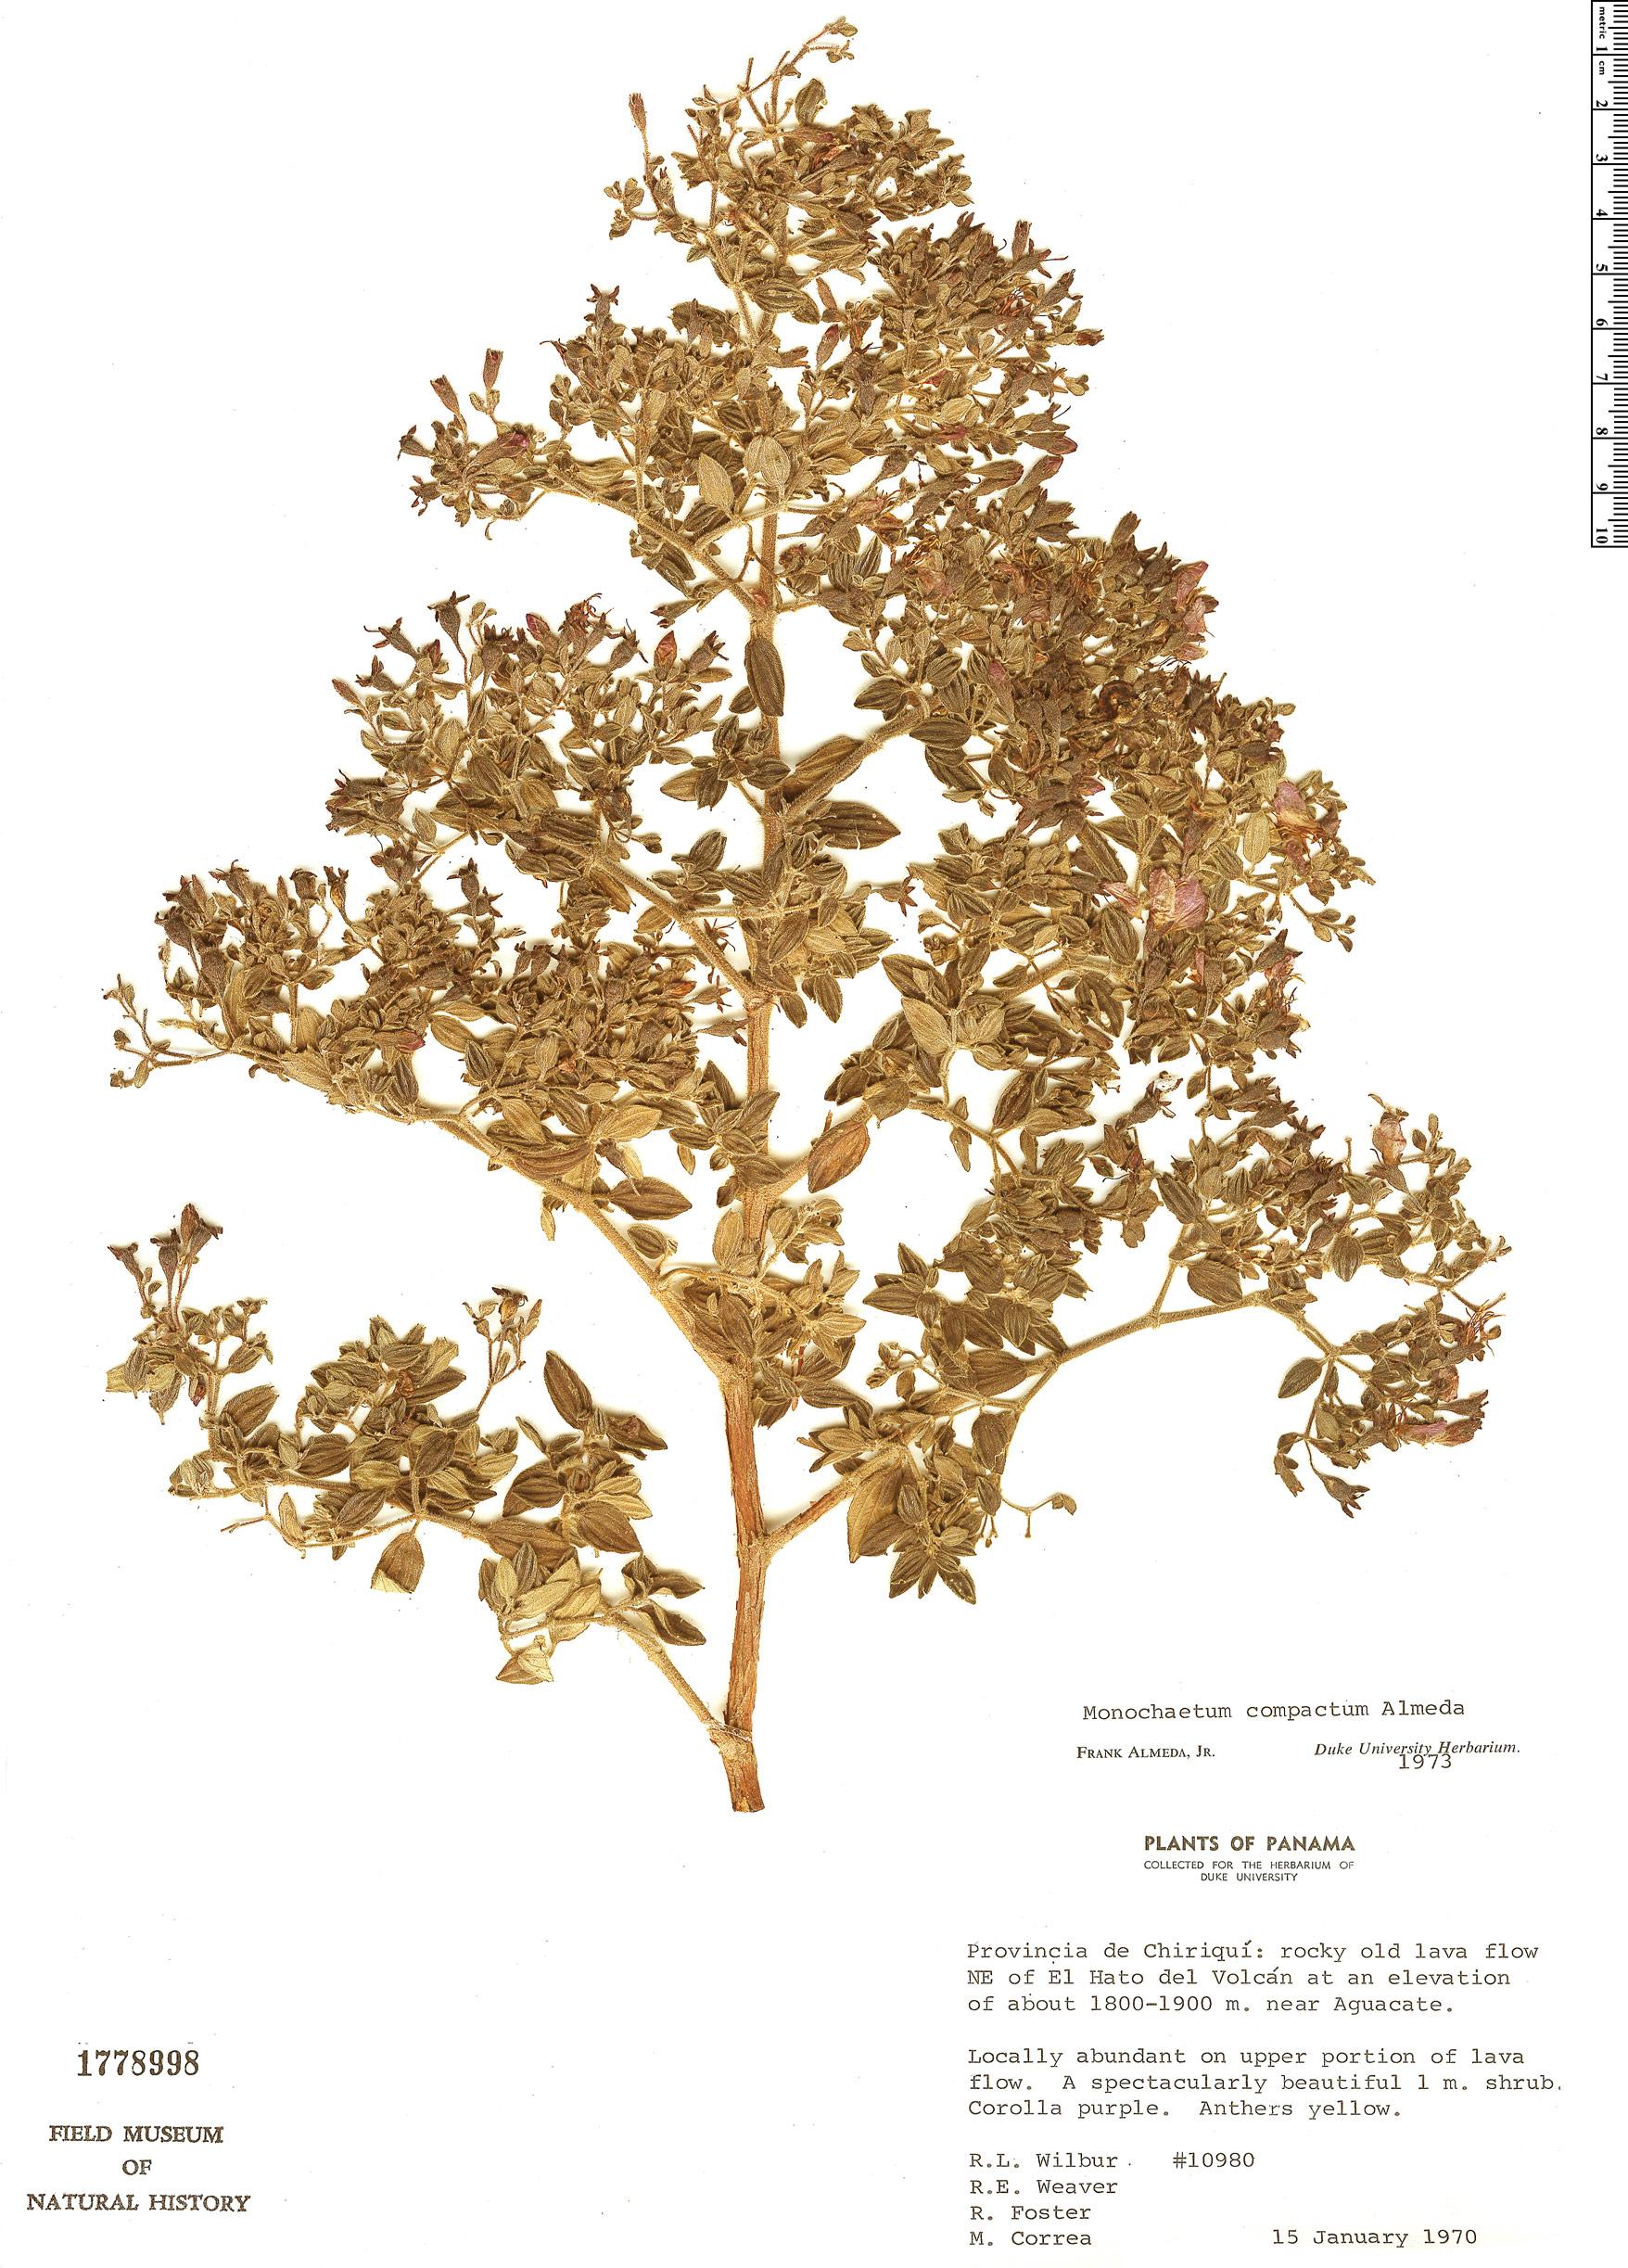 Specimen: Monochaetum compactum